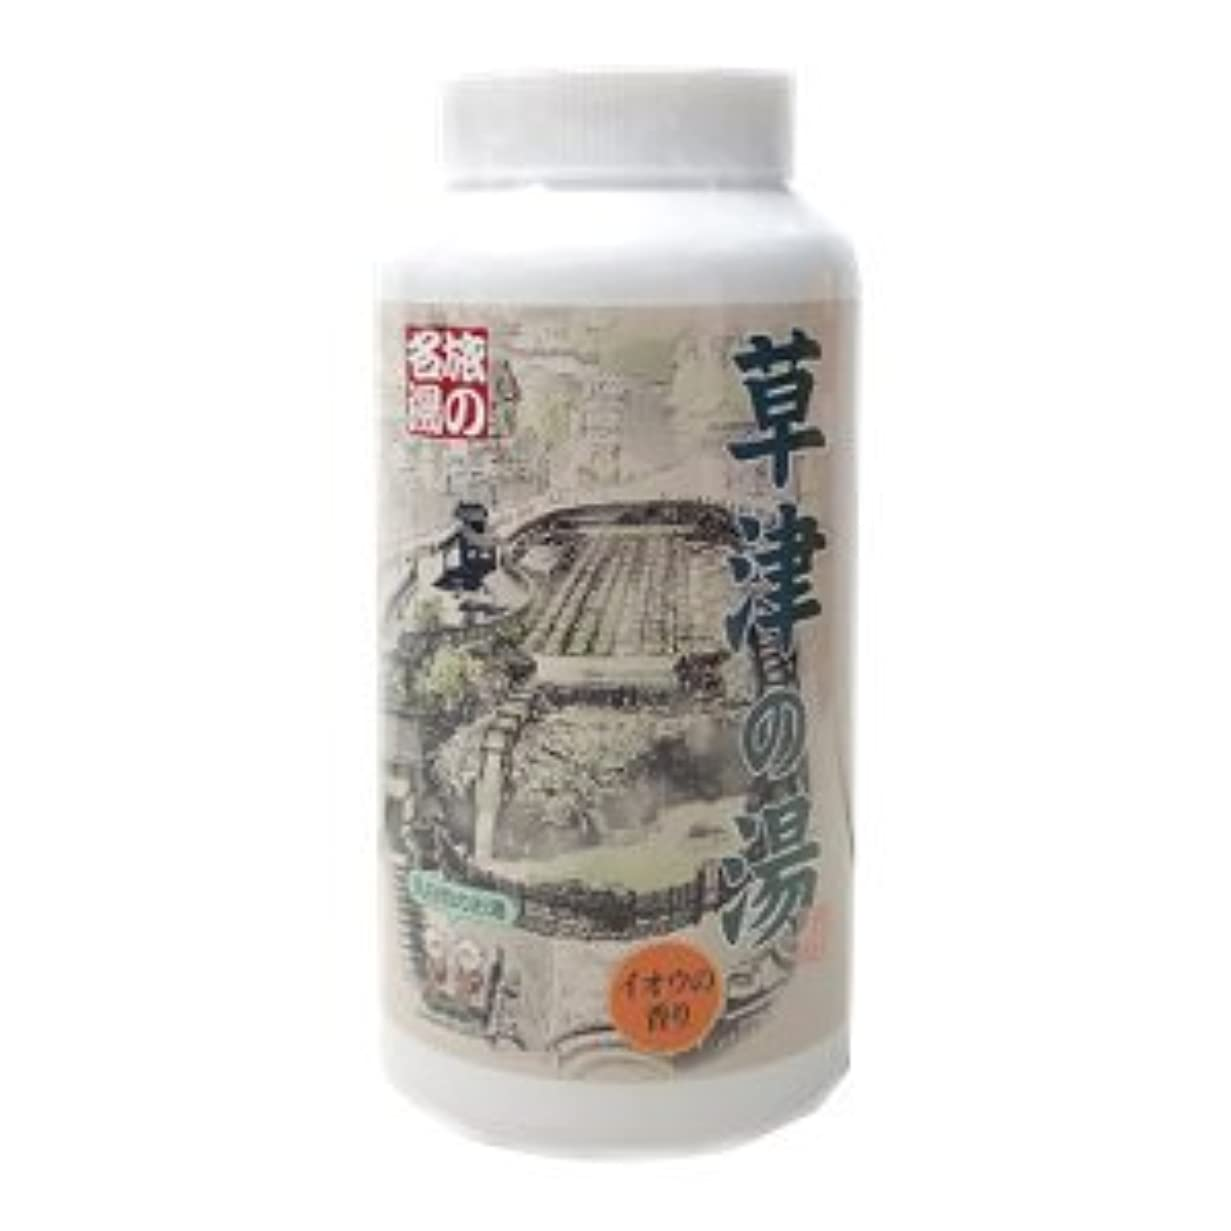 遅いスラム着飾る草津の湯入浴剤 『イオウの香り』 乳白色のお湯 500g 20回分